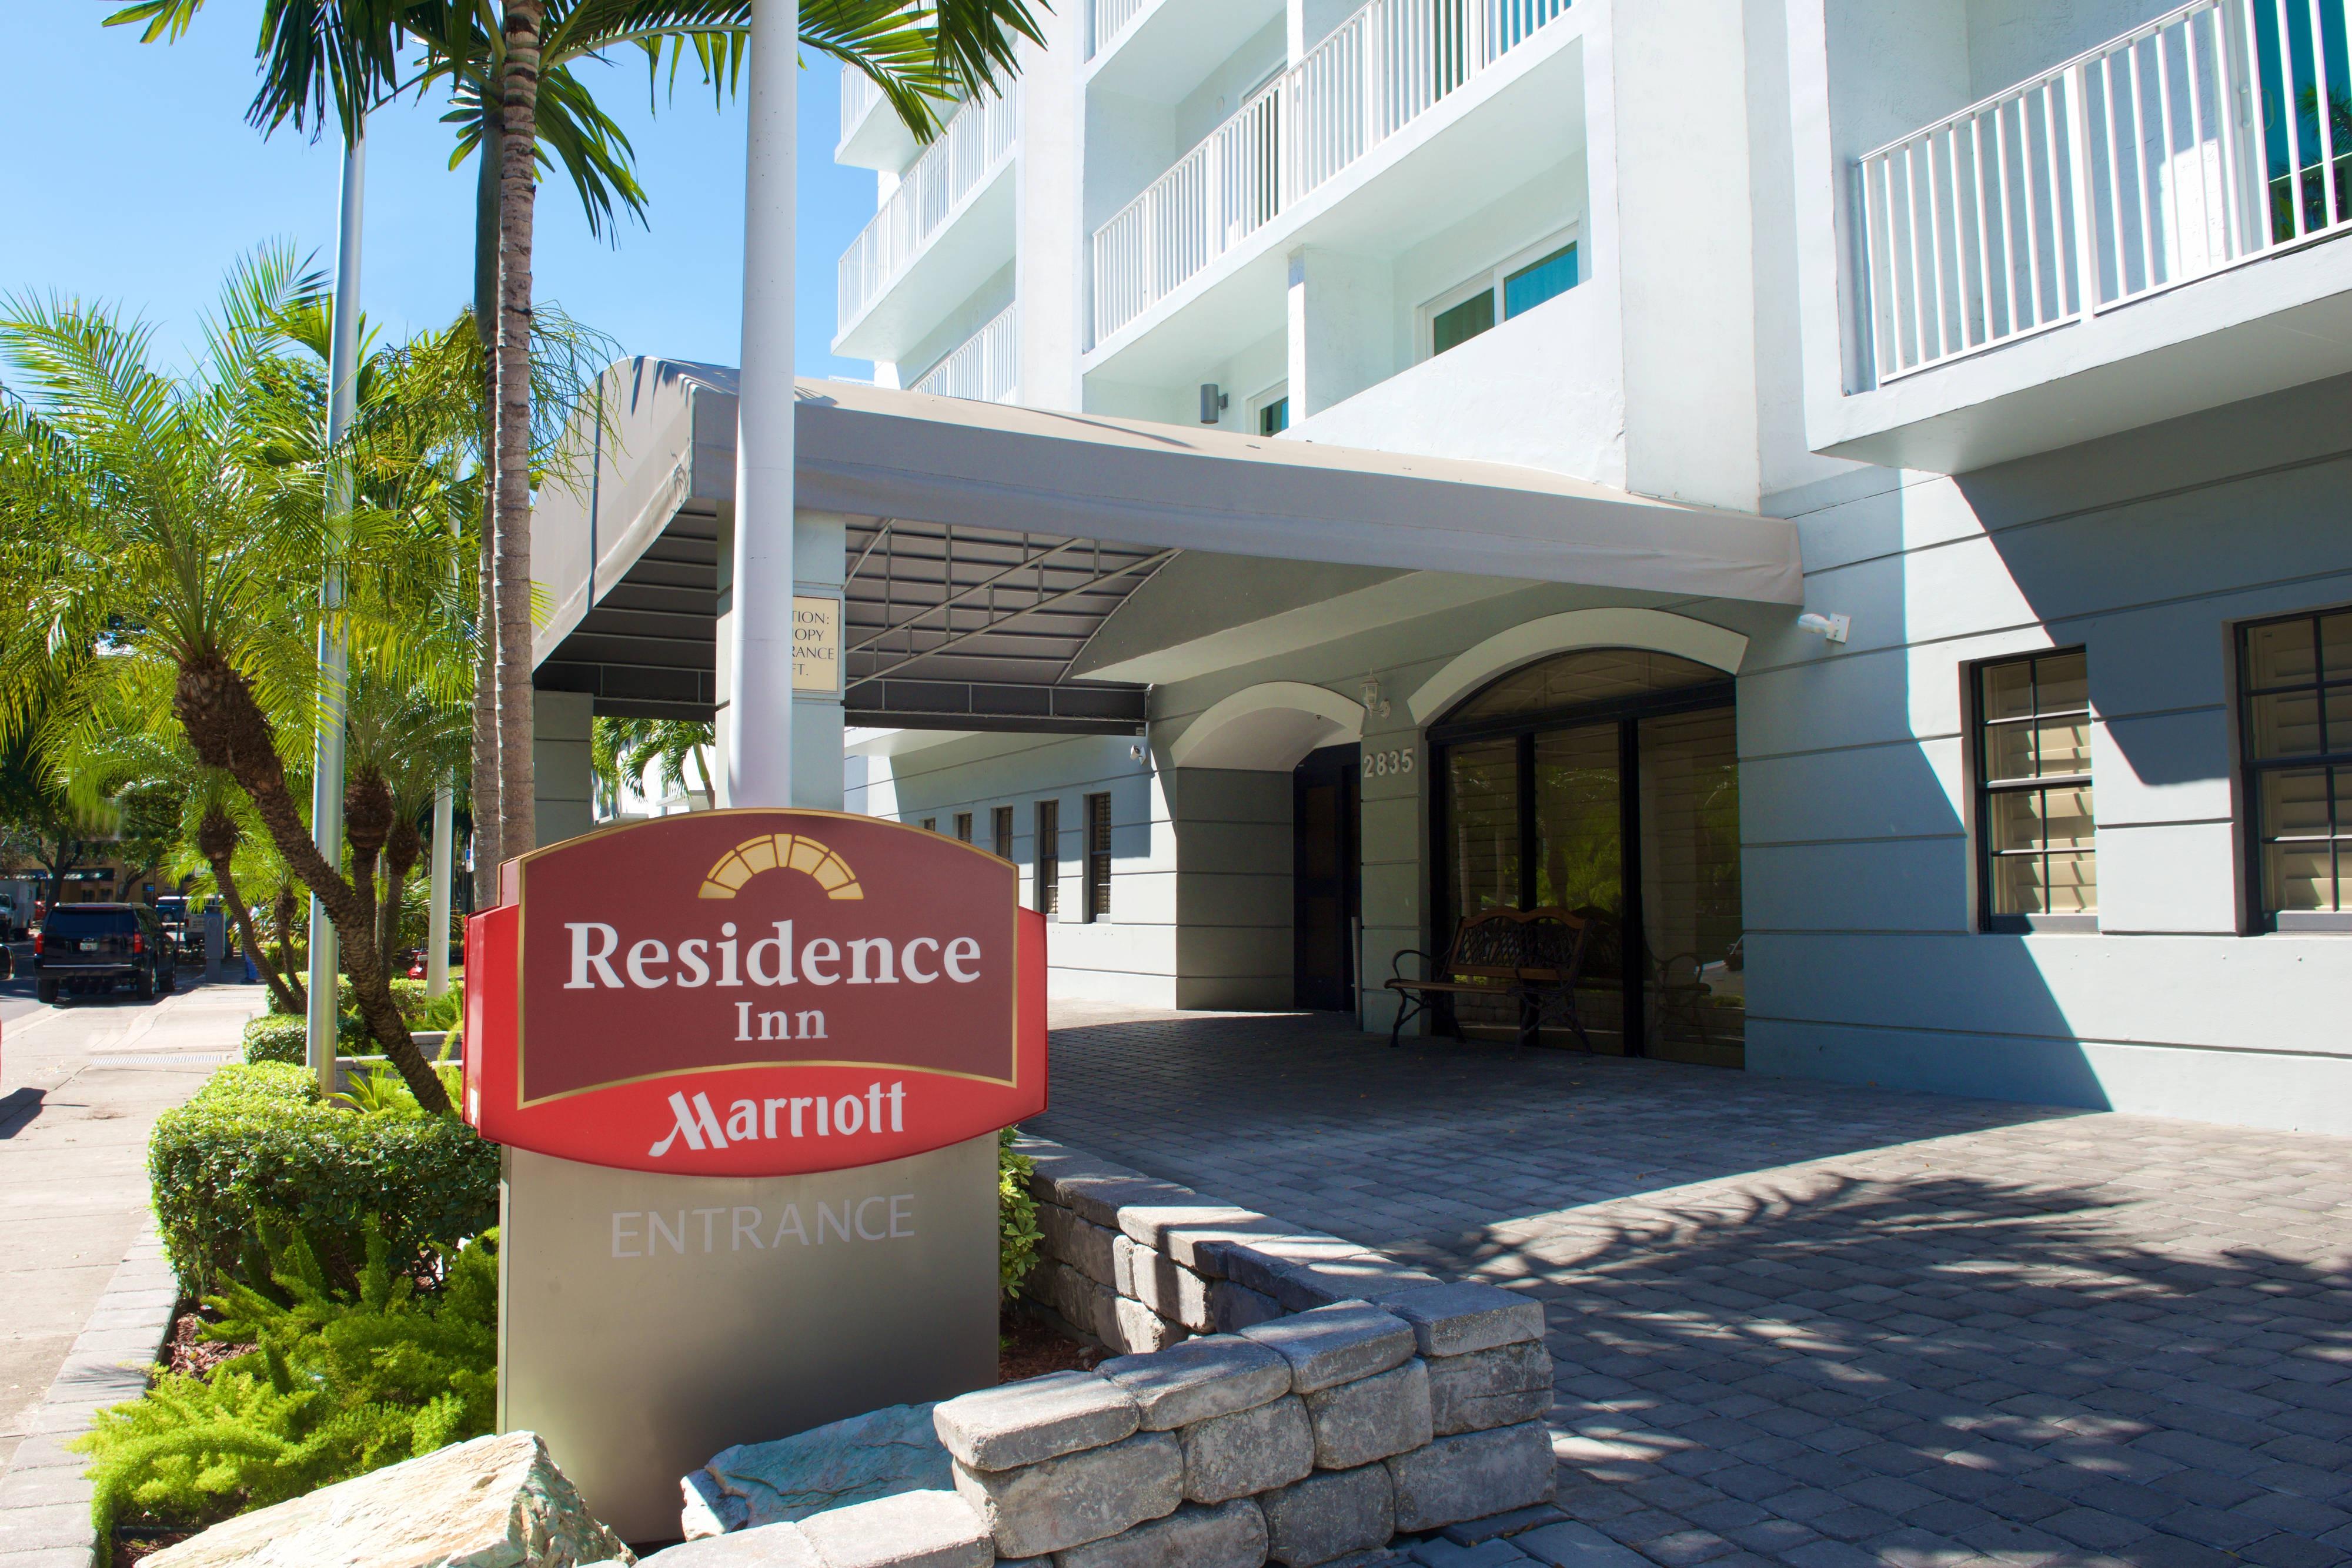 Miami Coconut Grove hotel entrance